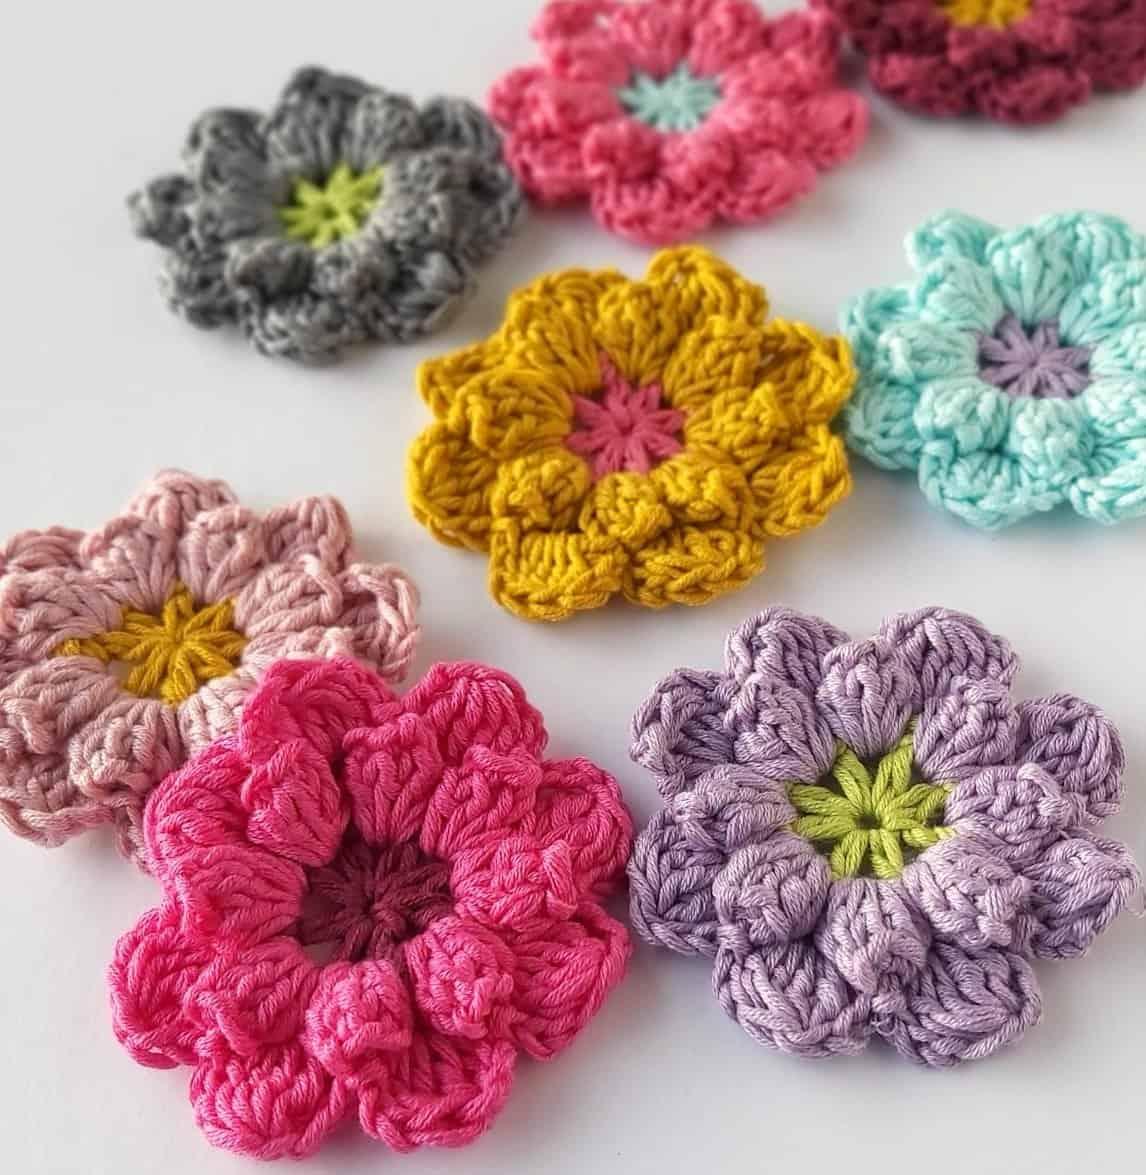 Wool crocheted flower